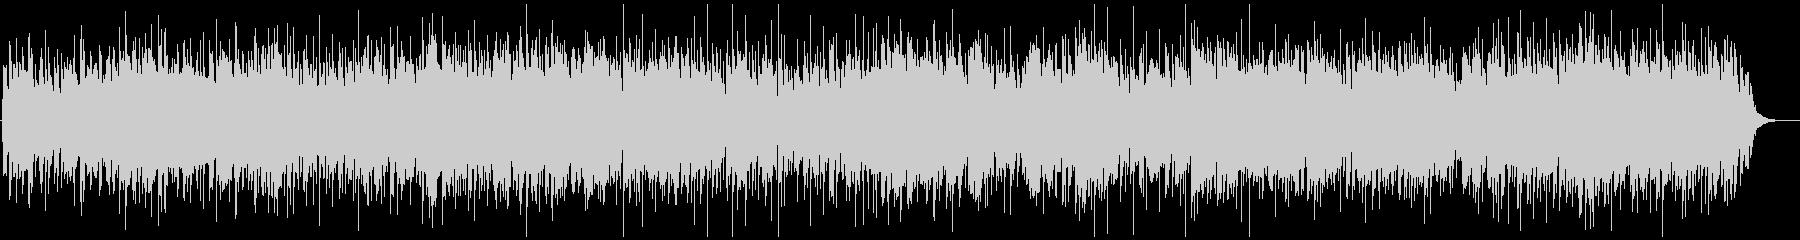 マイナーなモダンカントリーBGMの未再生の波形